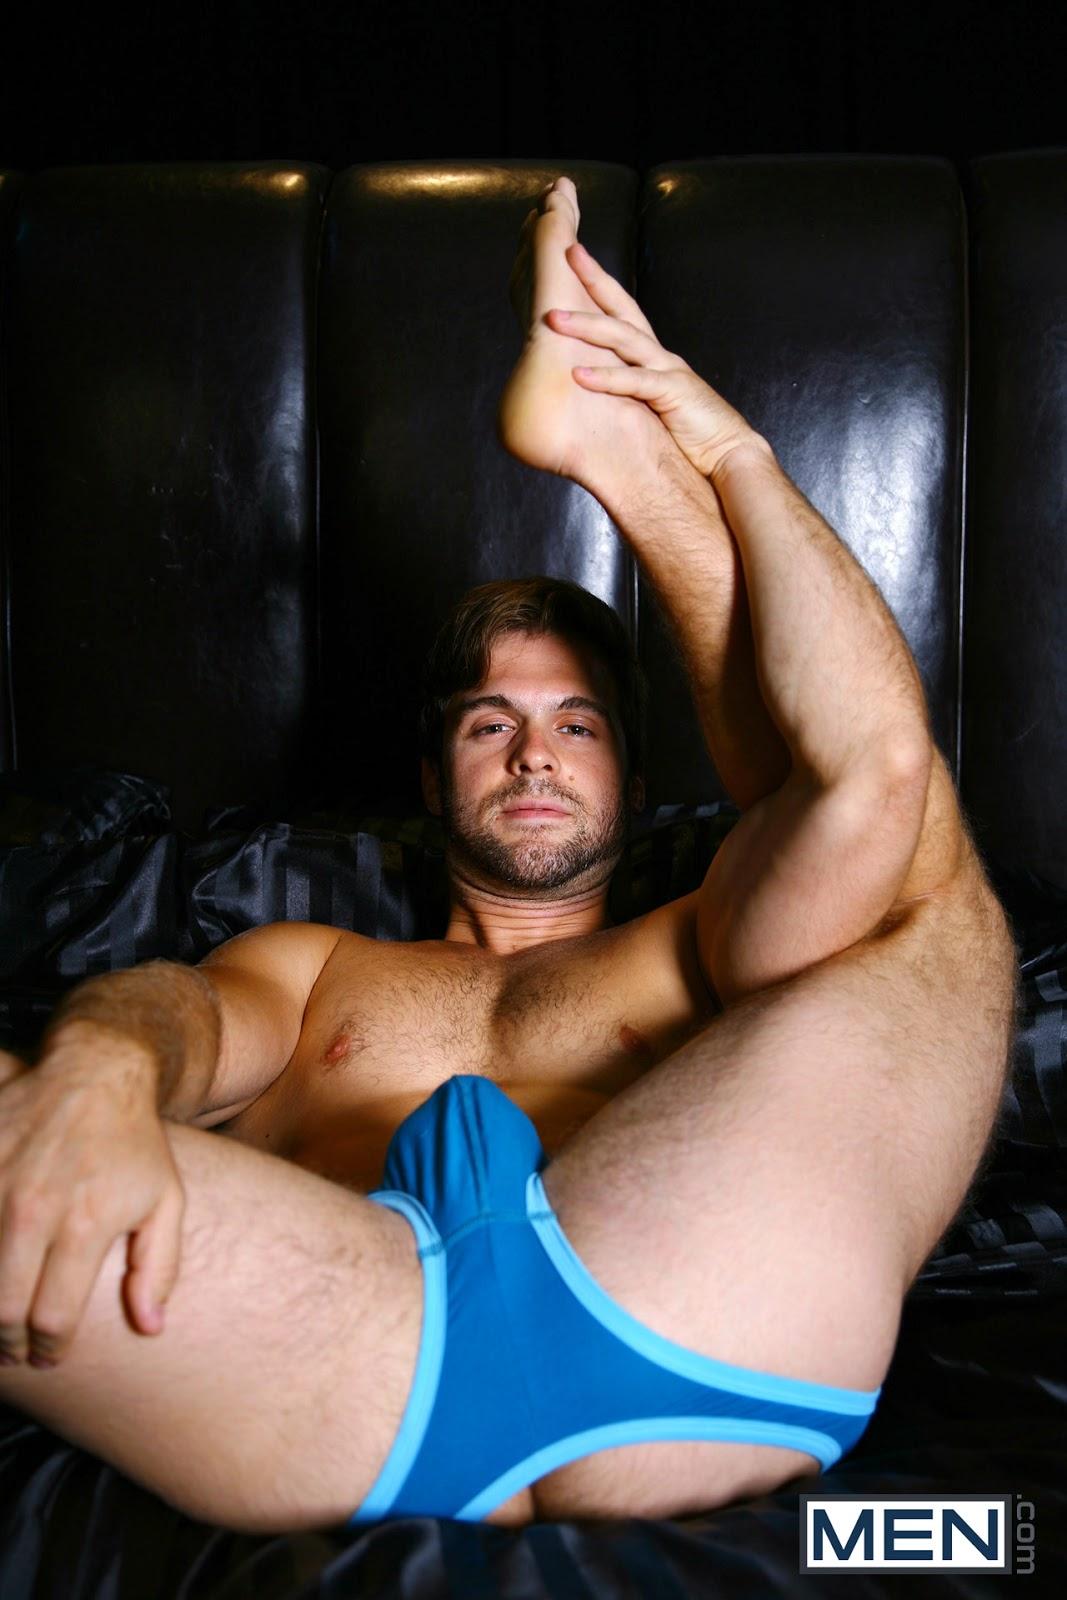 Actor Porno Marc Marquez paddy o'brian y gabriel clark follandose el uno al otro